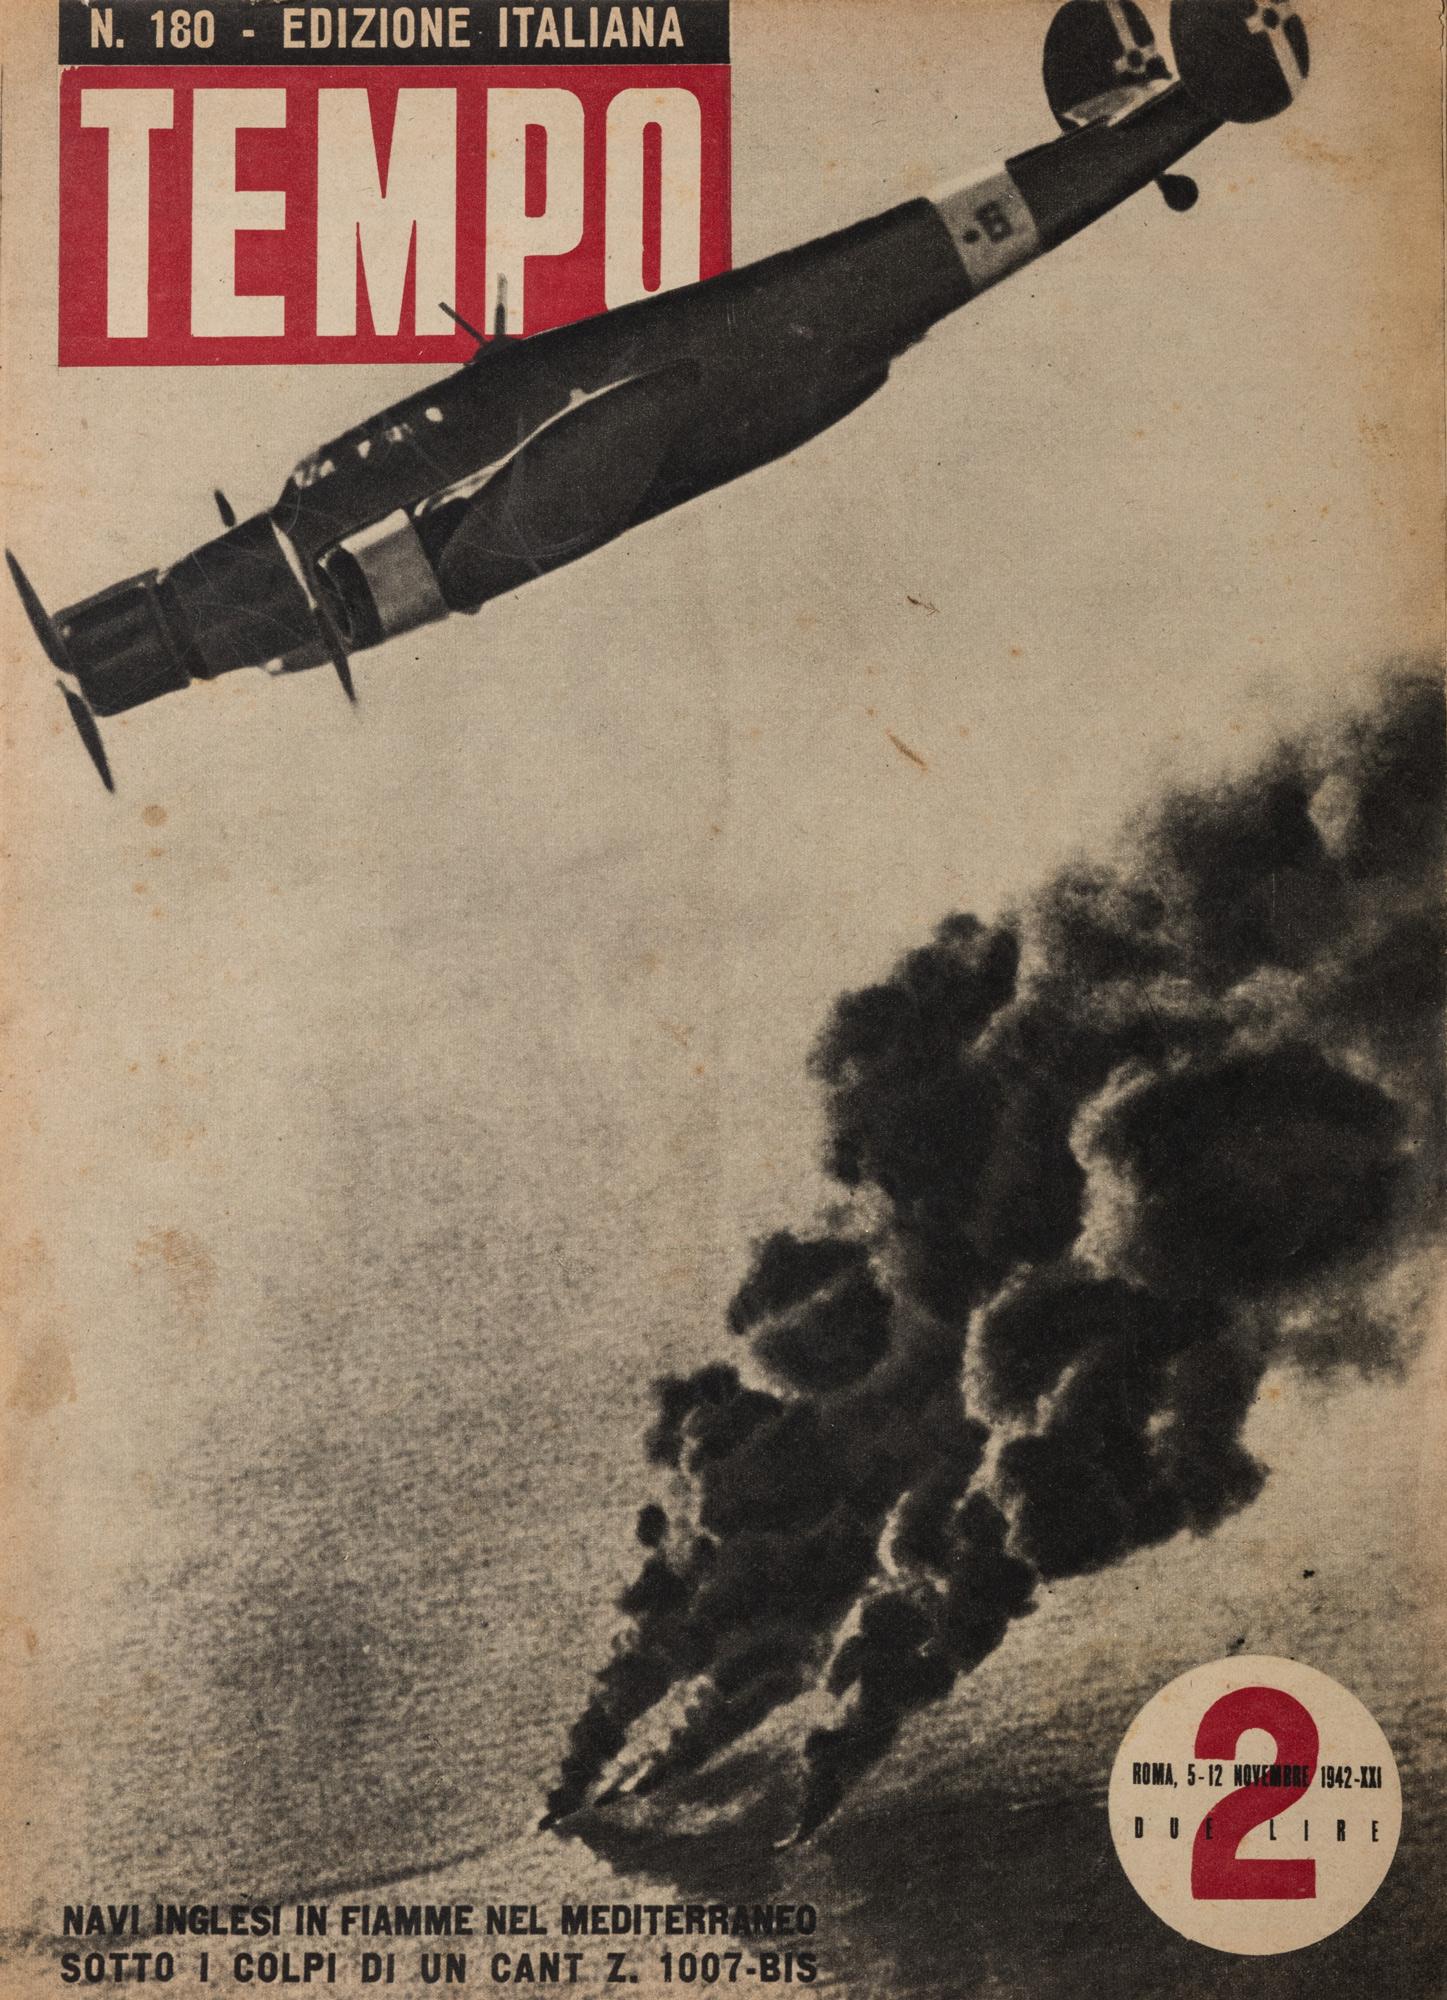 Il Tempo. Edizione italiana